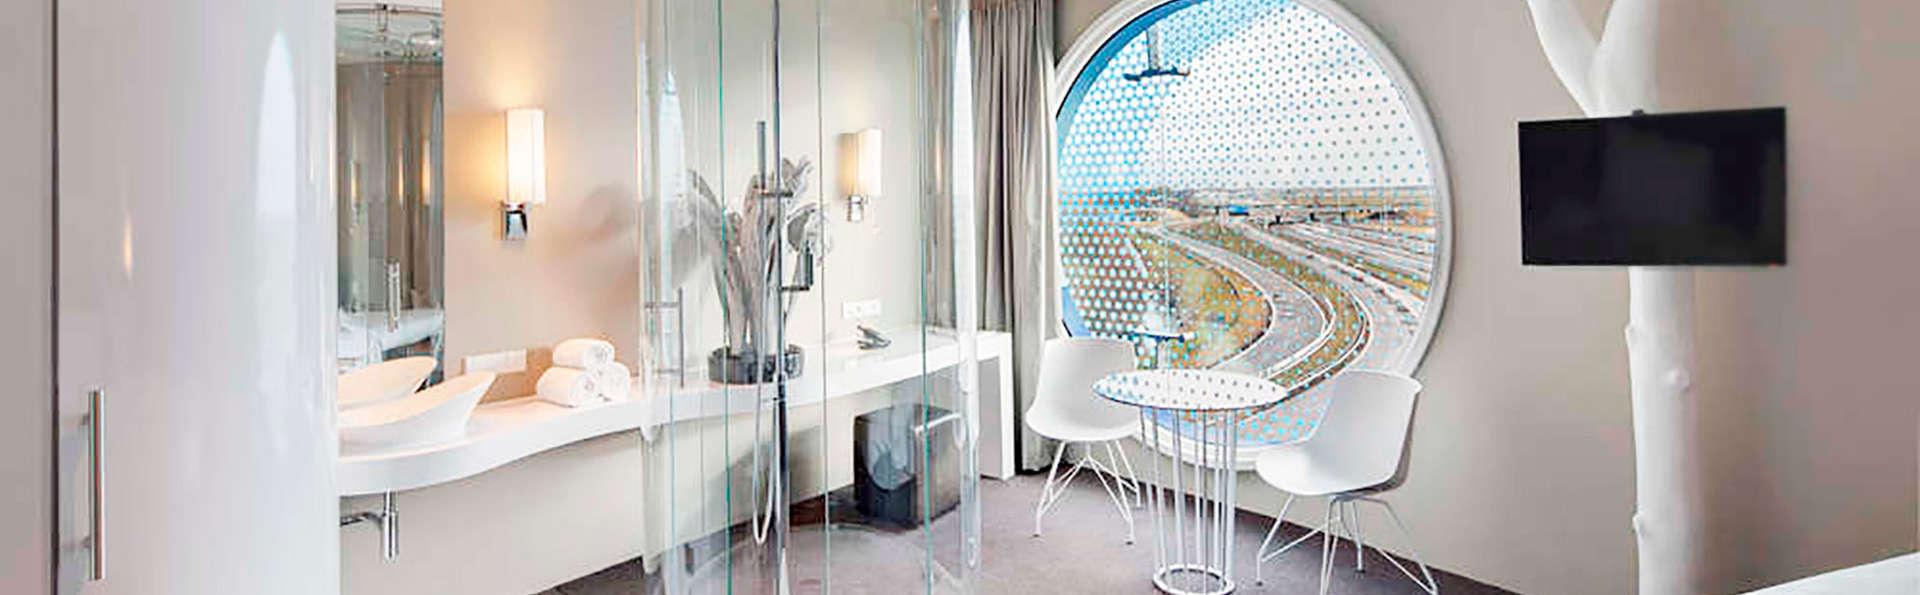 Citytrip: séjournez au sein d'un hôtel design à Amsterdam